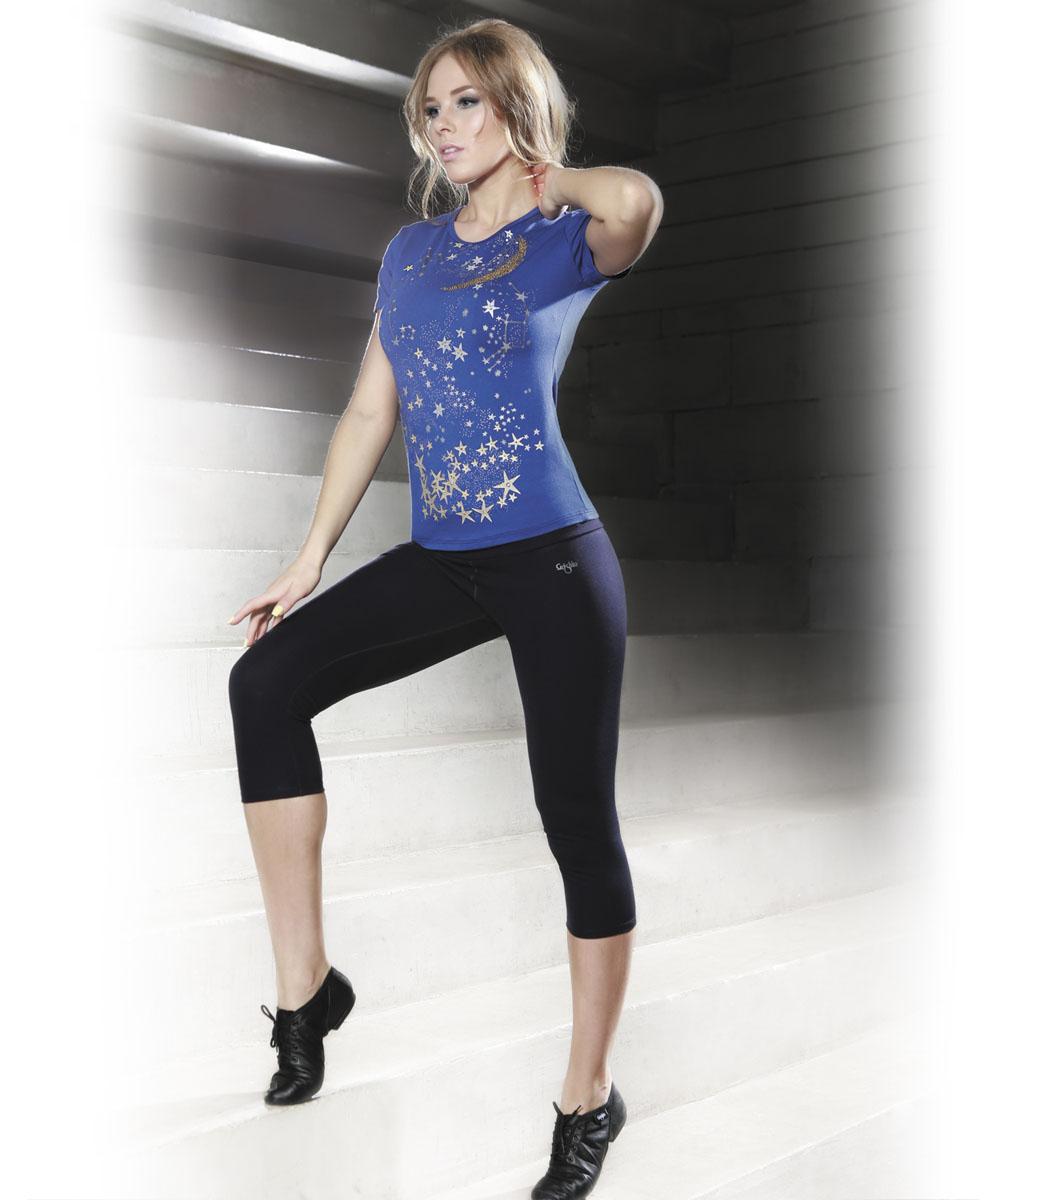 Капри для фитнеса женские Grishko Fitness, цвет: черный. AL-2909. Размер L (48)AL-2909Удобные капри с высоким фиксирующим плотным поясом прекрасно подойдут не только для спортивных тренировок, но и для и людей, ведущих активный образ жизни. Модель выполнена из материала нового поколения - вискозы в сочетании с лайкрой и полиамидом. Благодаря уникальным свойствам этого материала капри обладают высокой степенью утяжки и повышенной износостойкостью. Модель спереди дополнена небольшой термоаппликацией с логотипом Grishko. Такие капри подарят вам максимальный комфорт во время тренировок и повысят их эффективность.